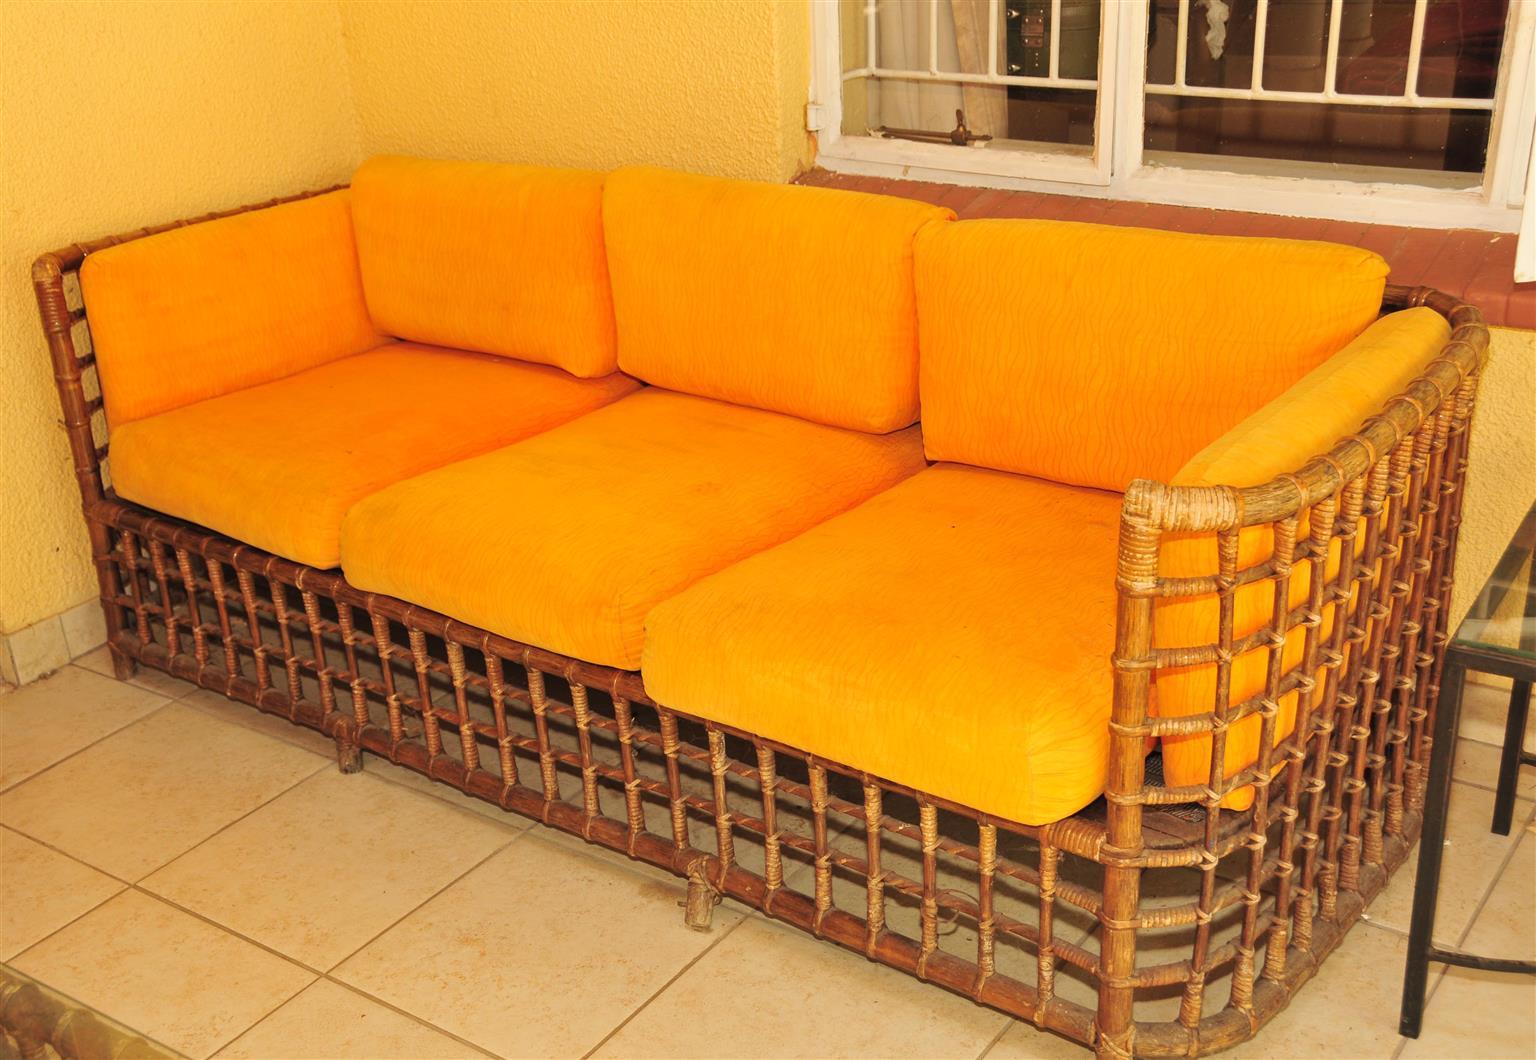 Cane Patio set